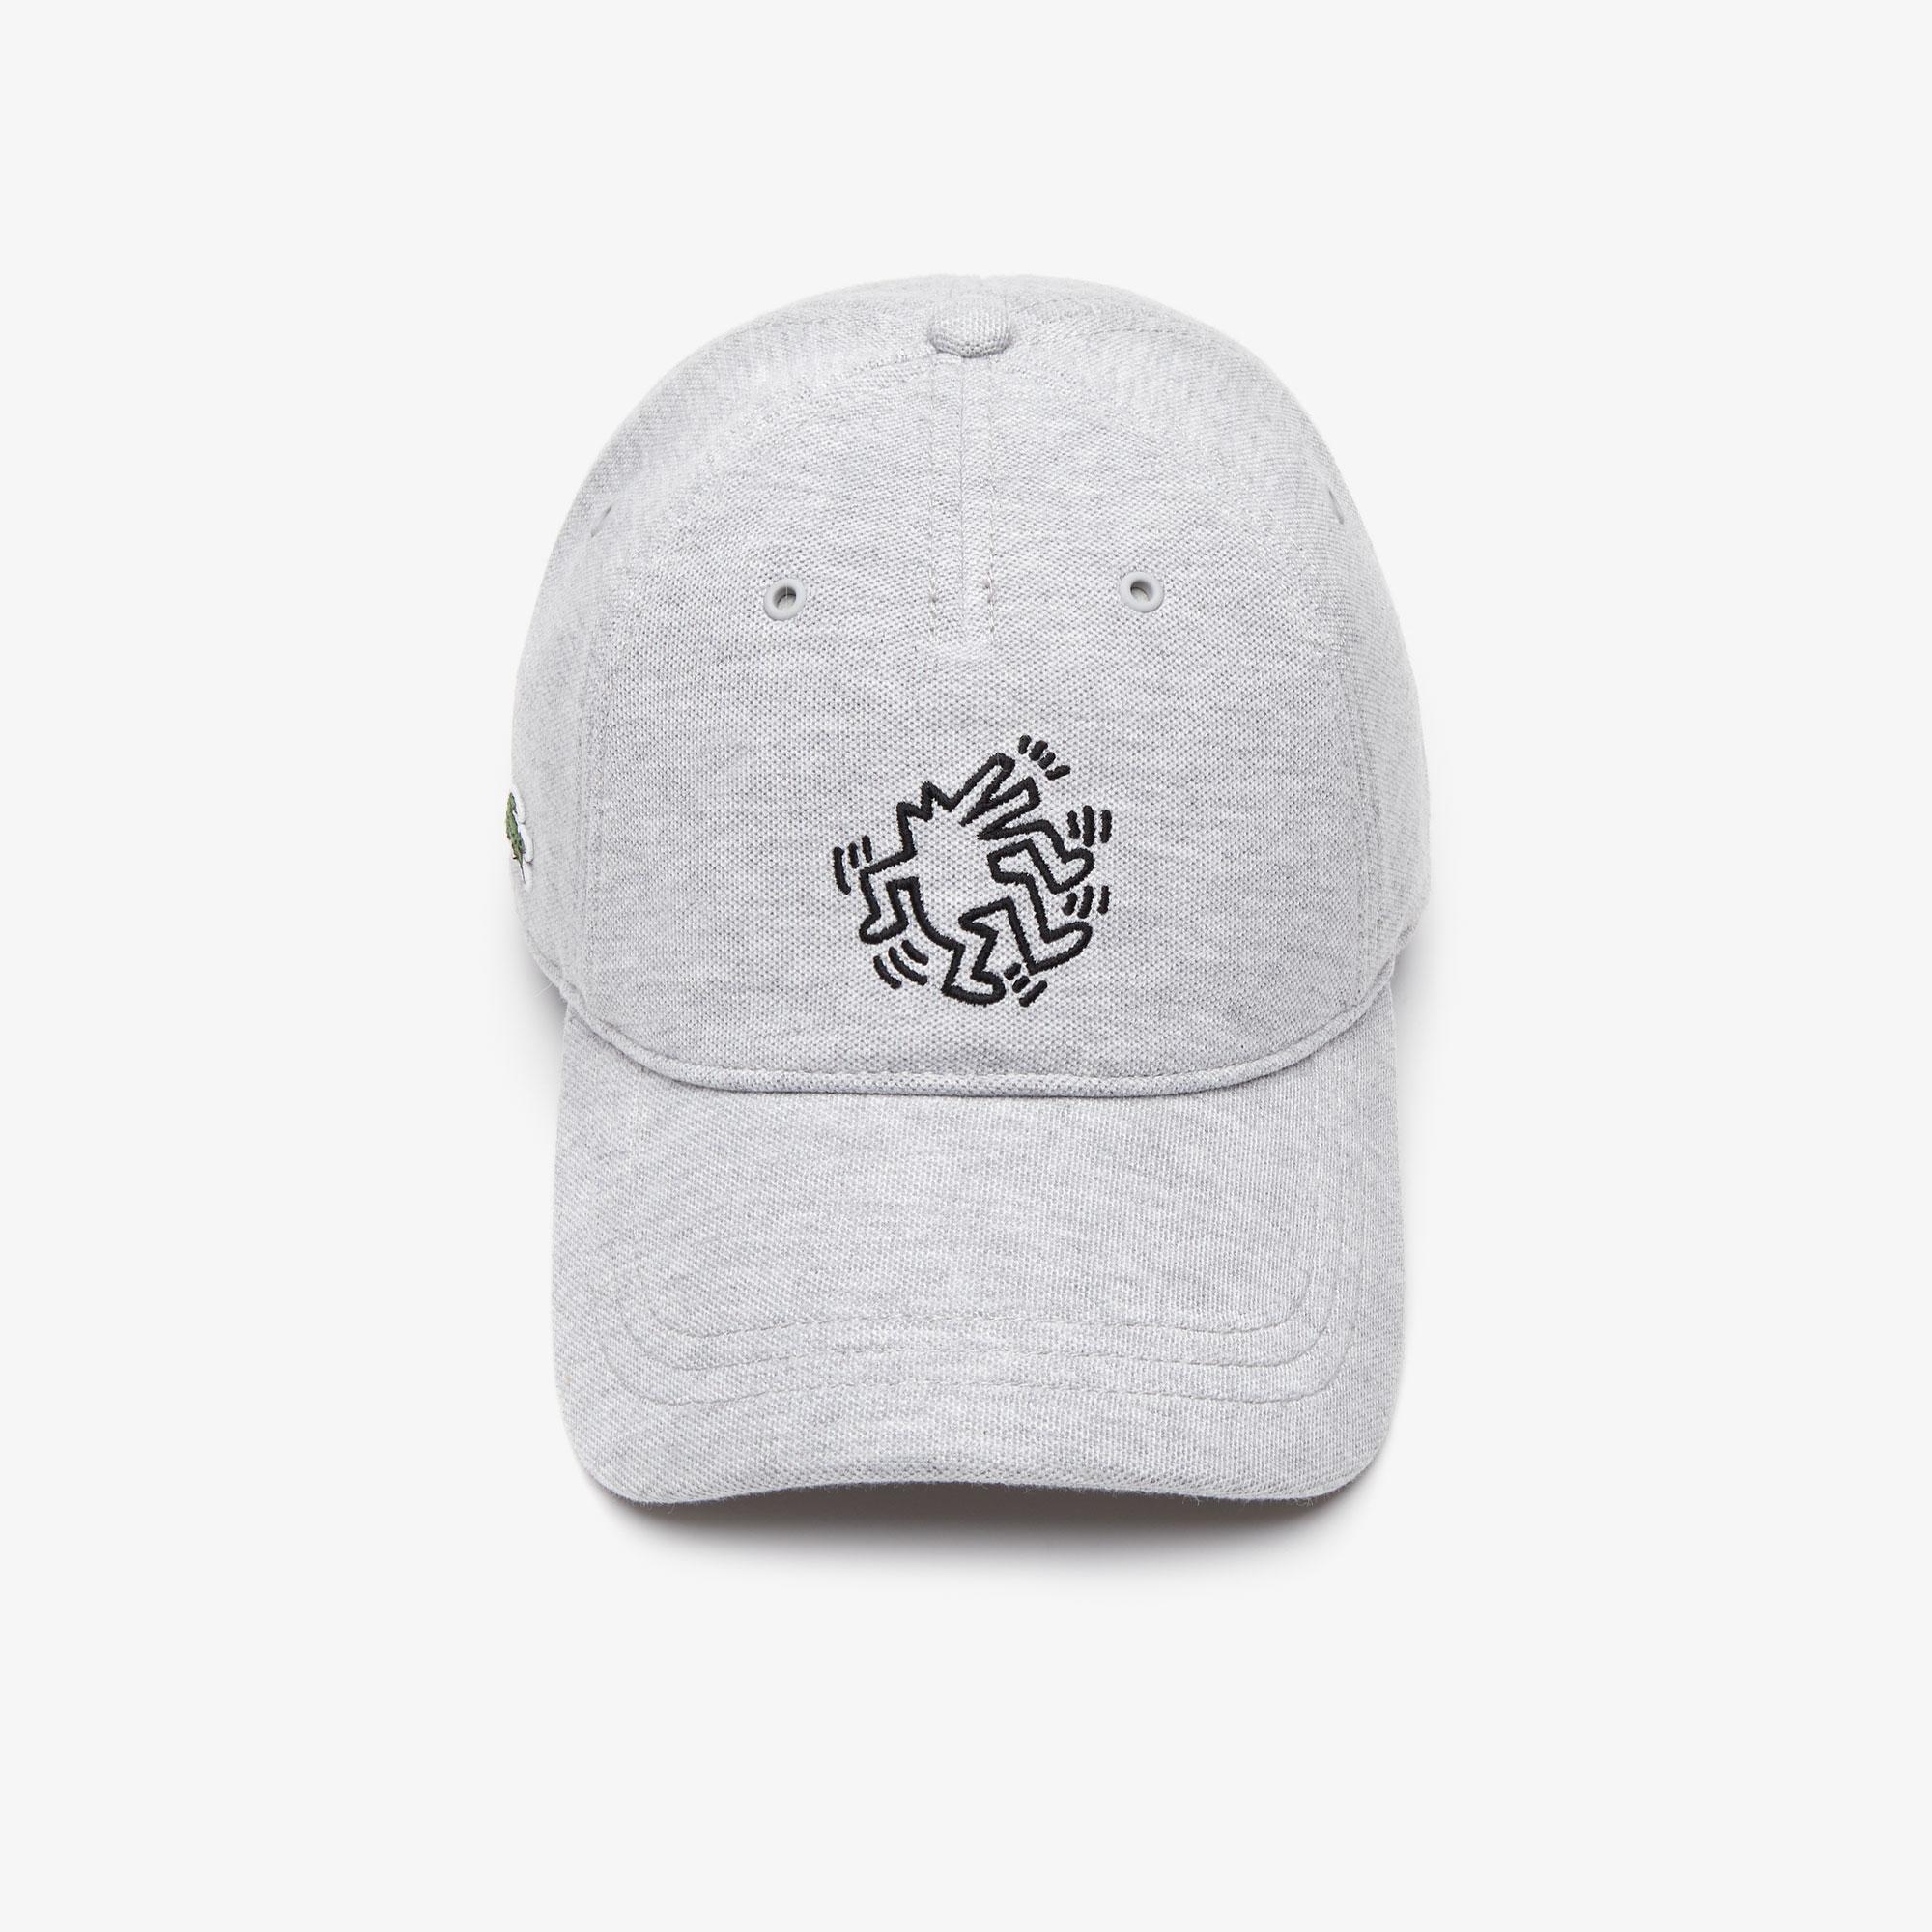 Lacoste Unisex Hat